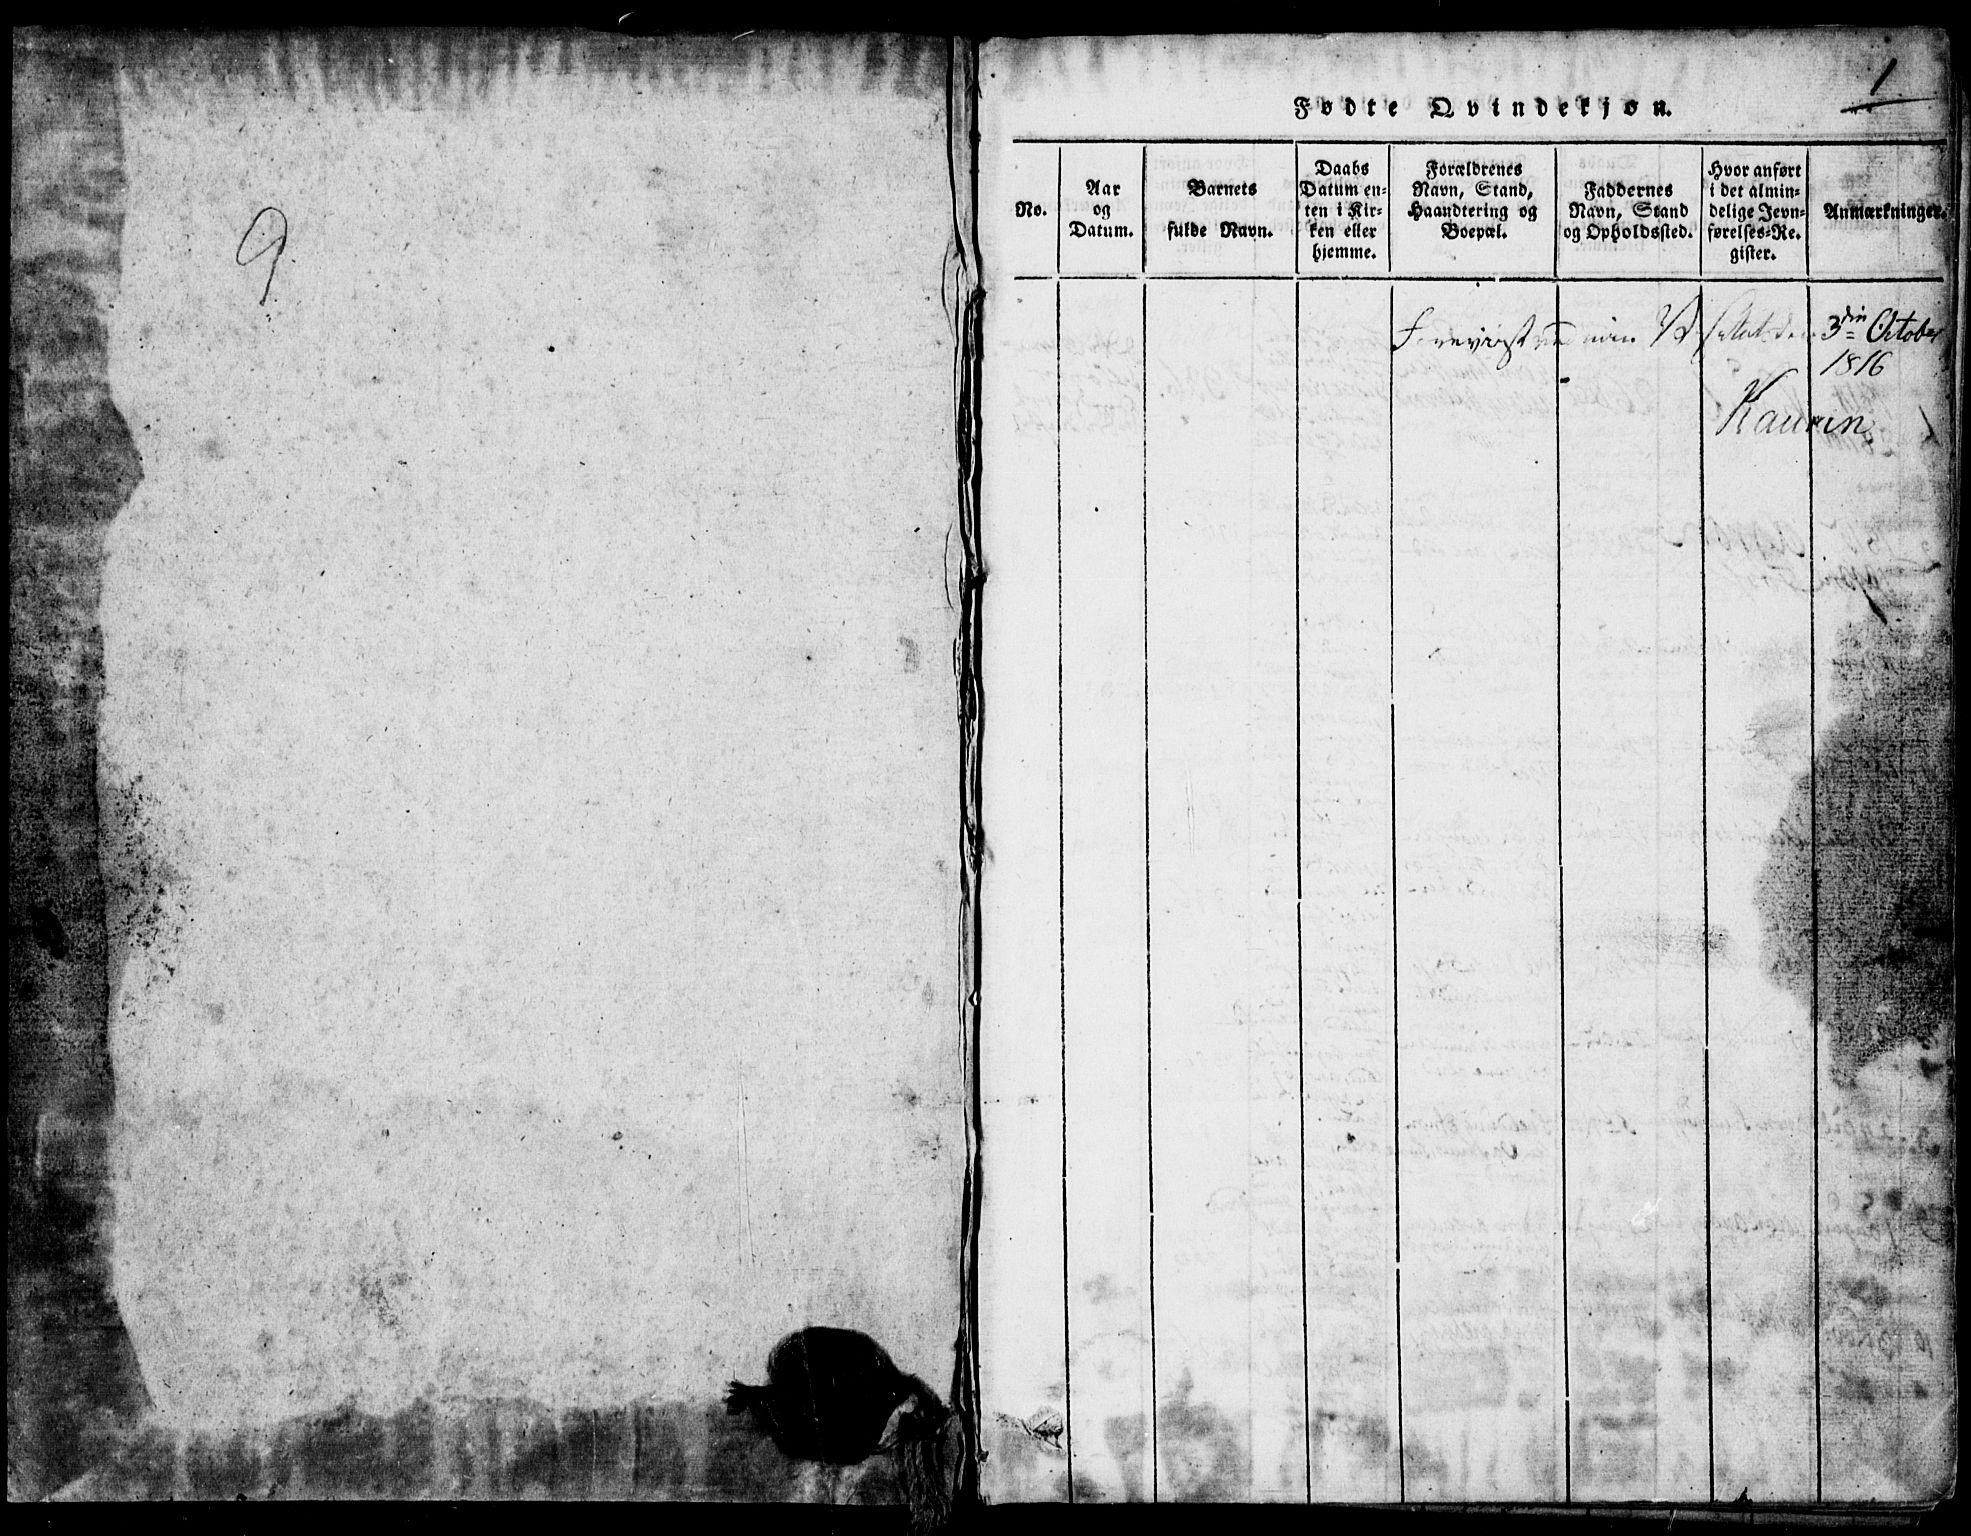 SAKO, Rauland kirkebøker, G/Ga/L0001: Klokkerbok nr. I 1, 1814-1843, s. 1